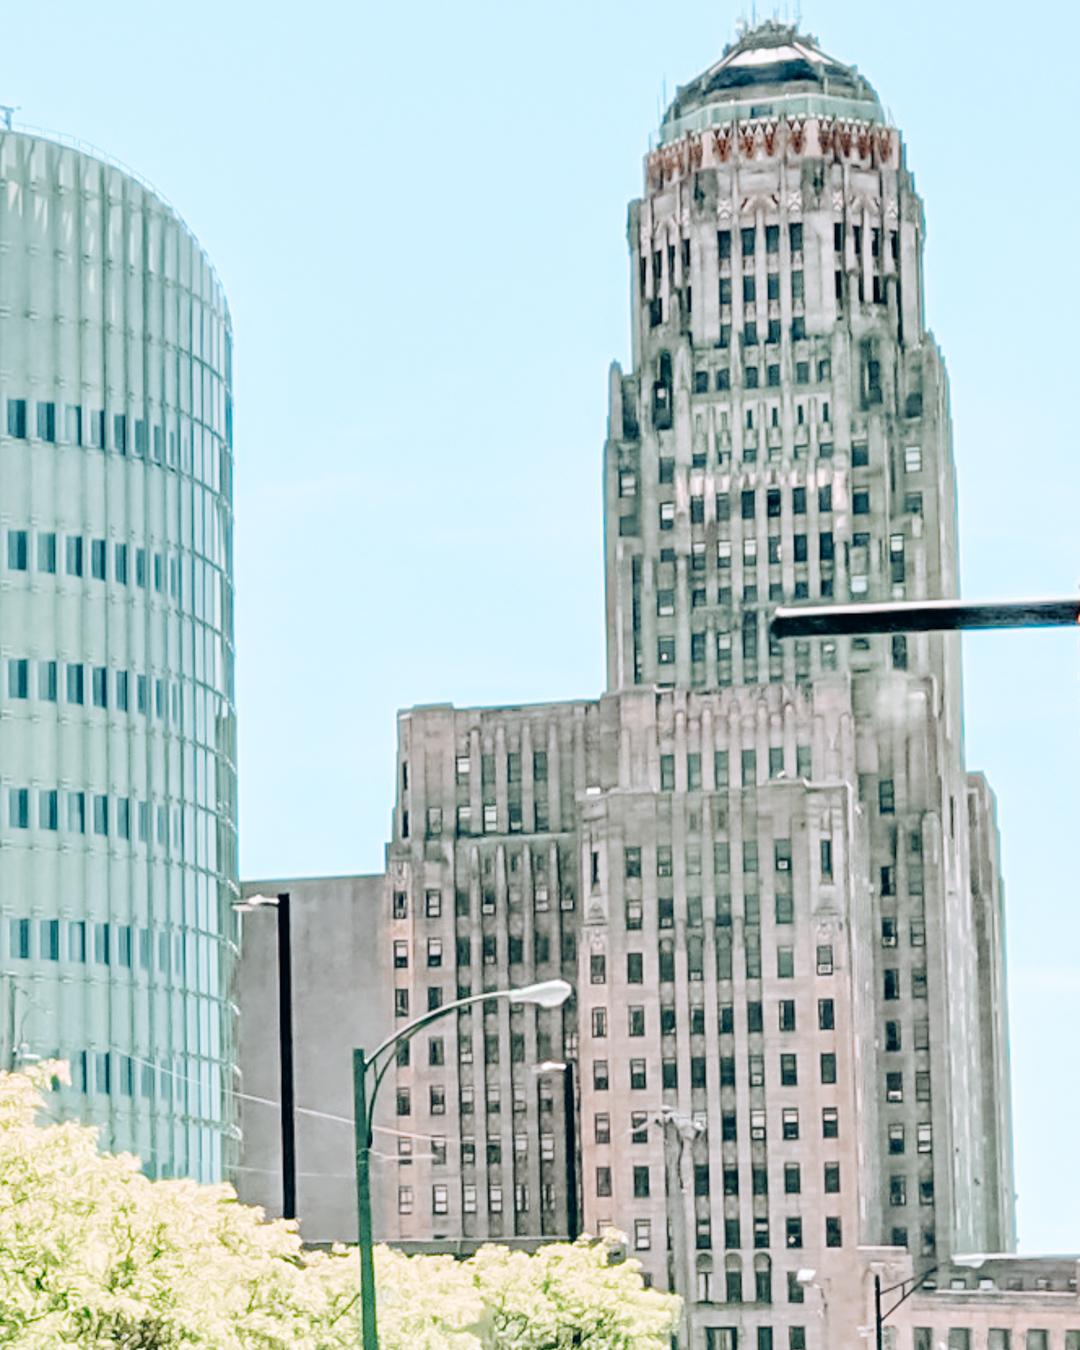 City Hall in Buffalo